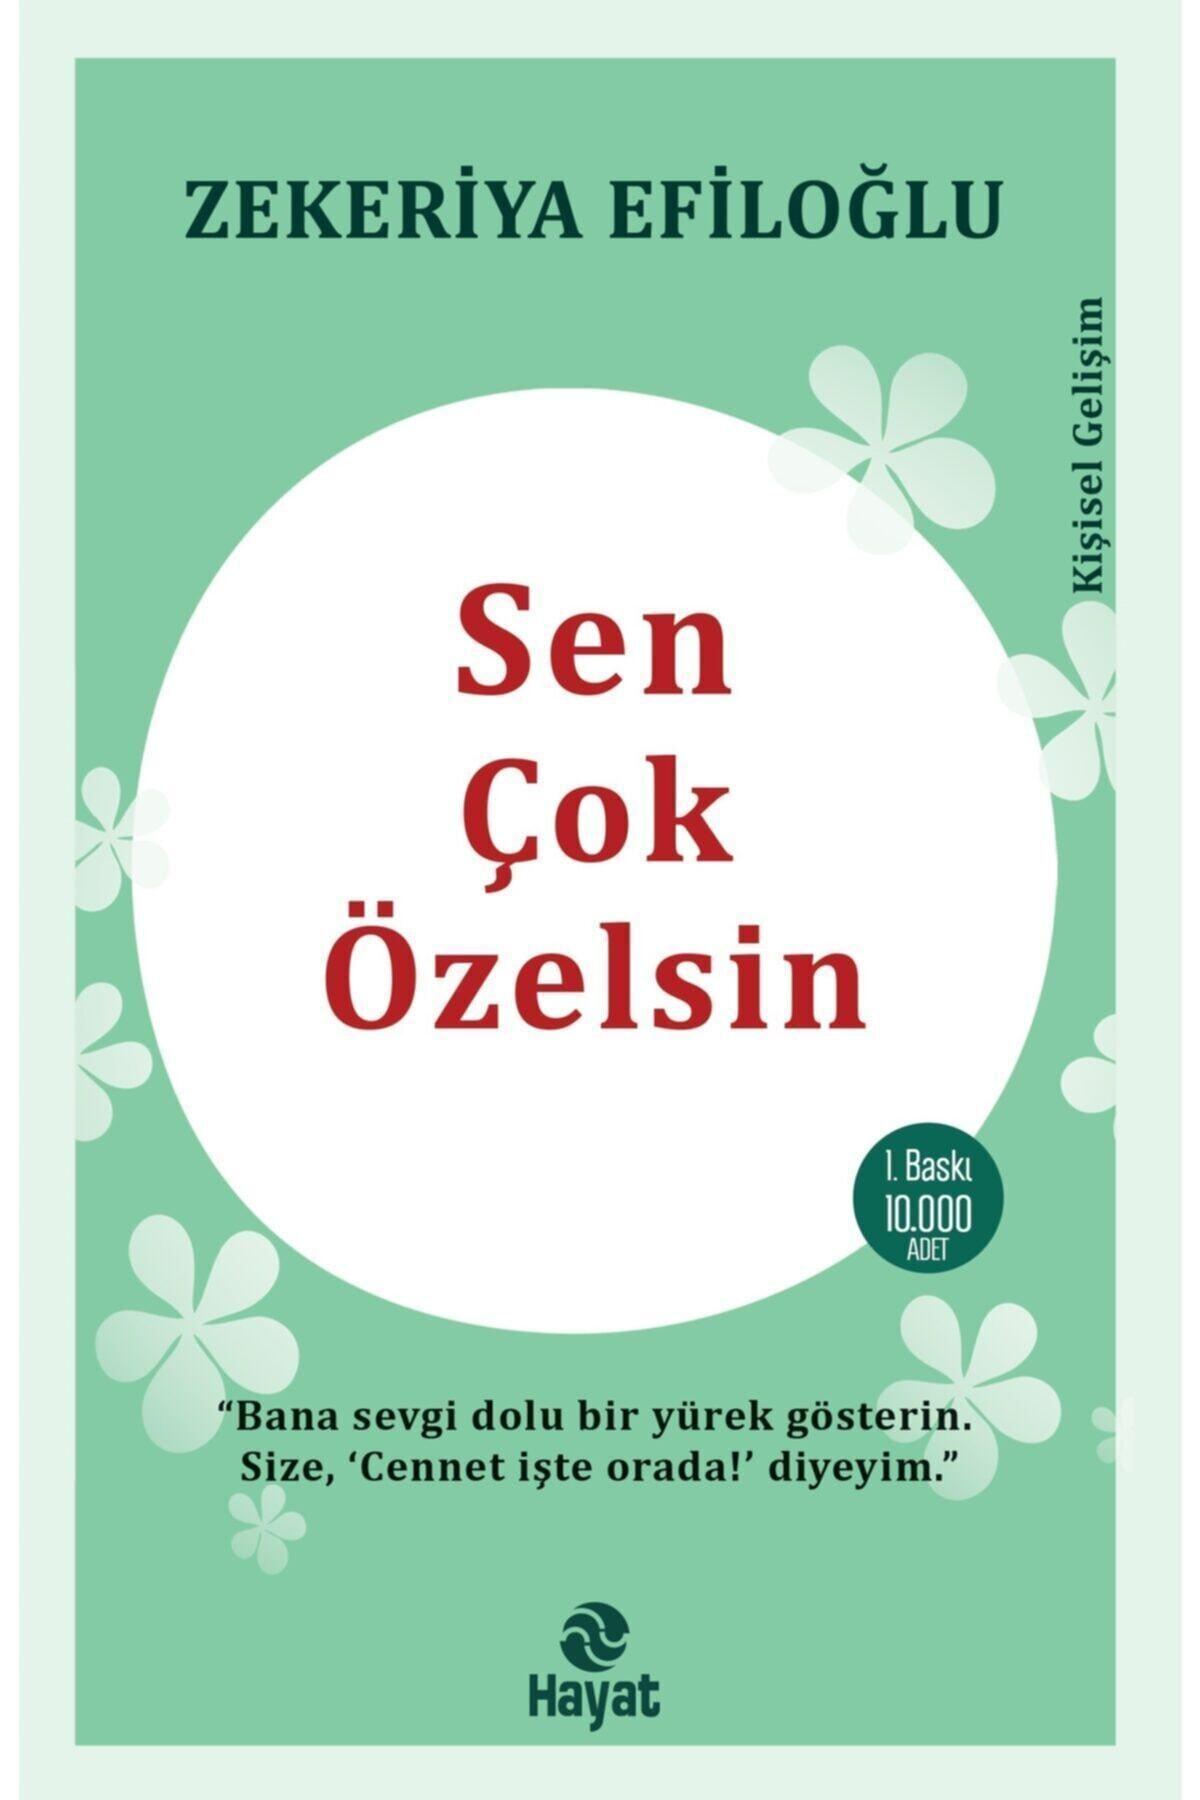 Hayat Yayınları Sen Çok Özelsin - Zekeriya Efiloğlu 1